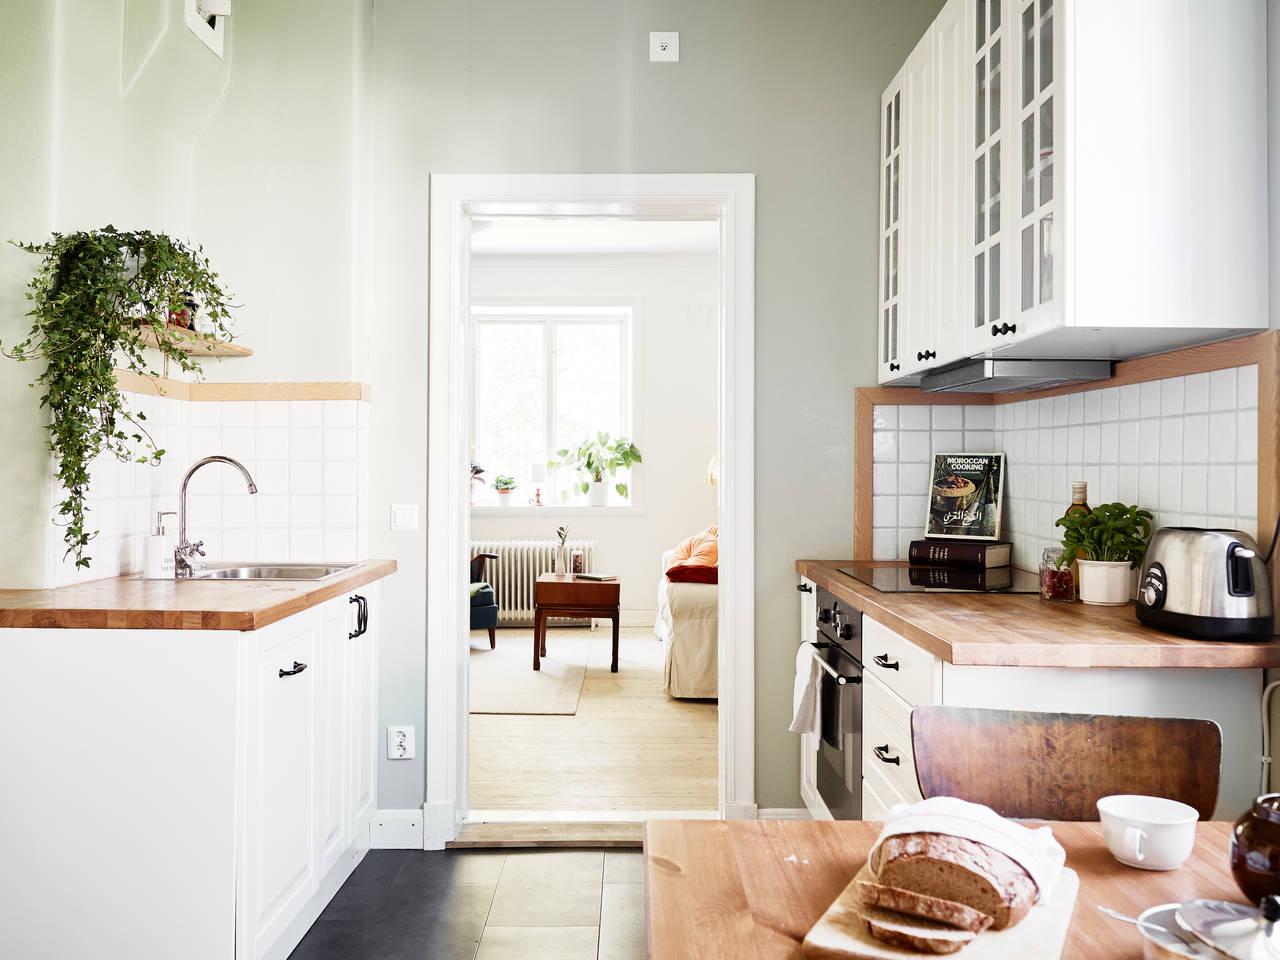 10 ideas de cocinas pequeñas | Los Tiempos